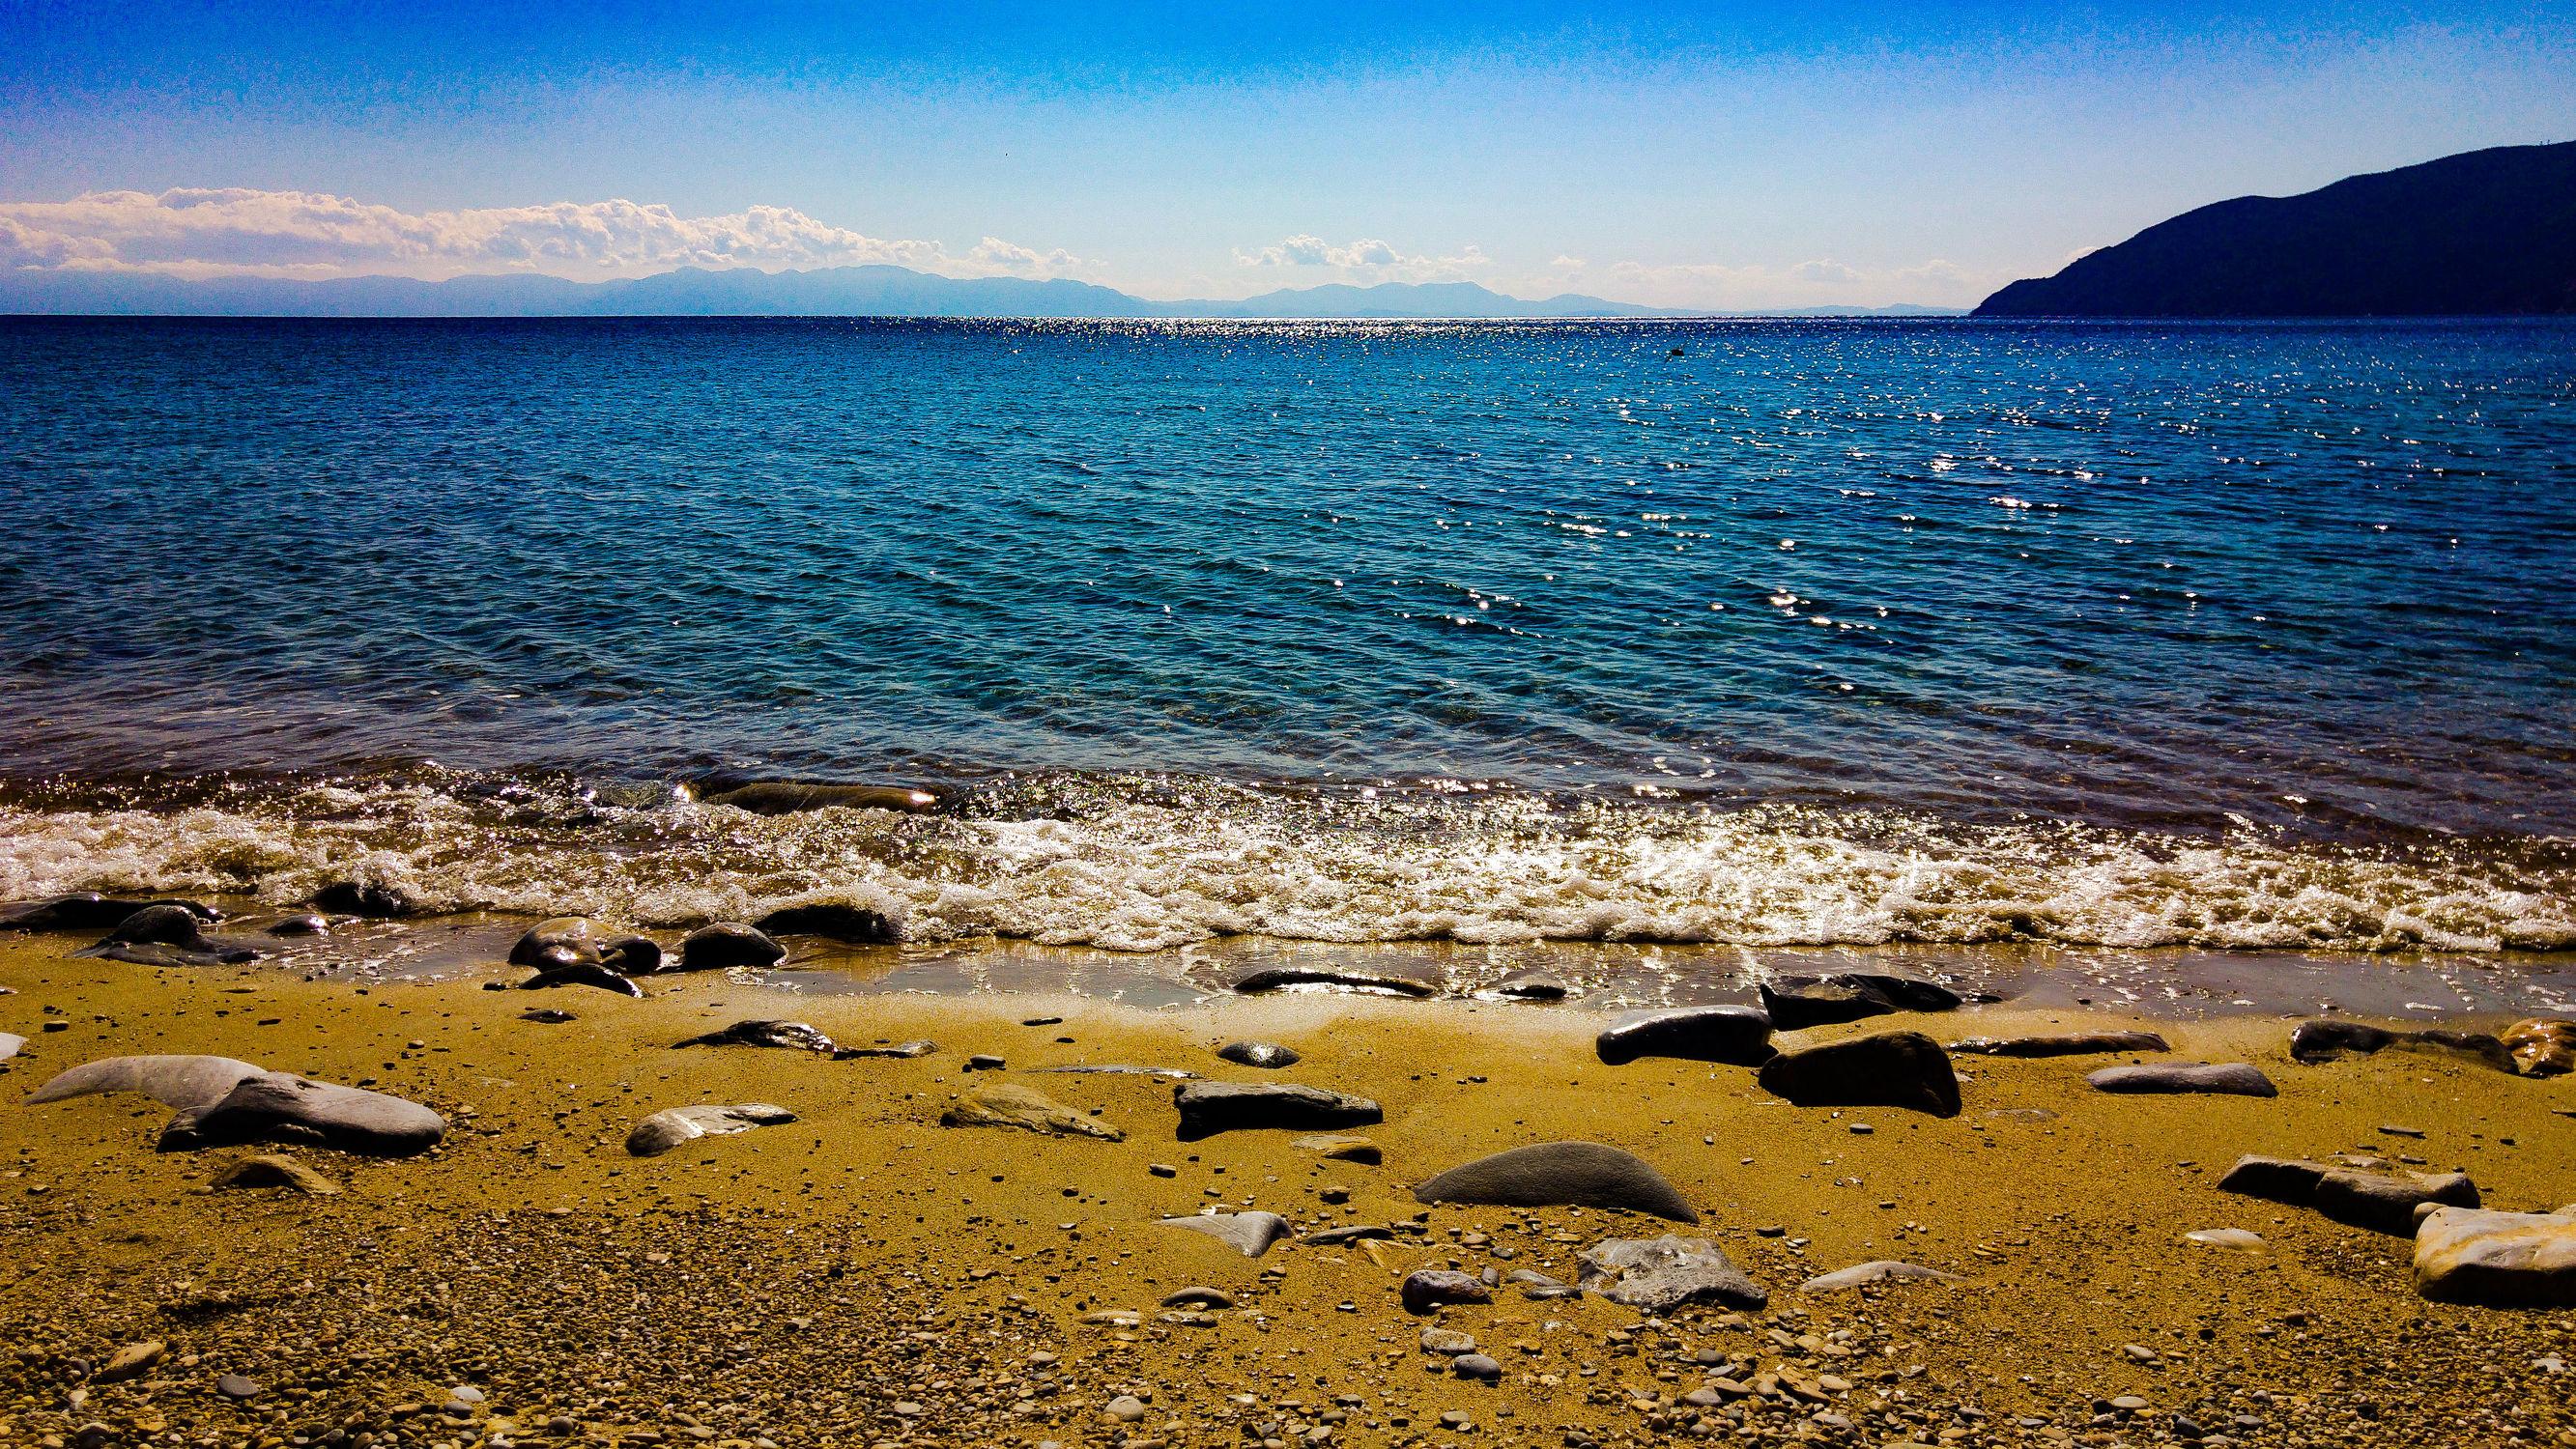 Bild mit Himmel, Urlaub, Blau, Strand, Meer, Steine, Ocean, blue, Griechenland, water, berge und meer, feeling